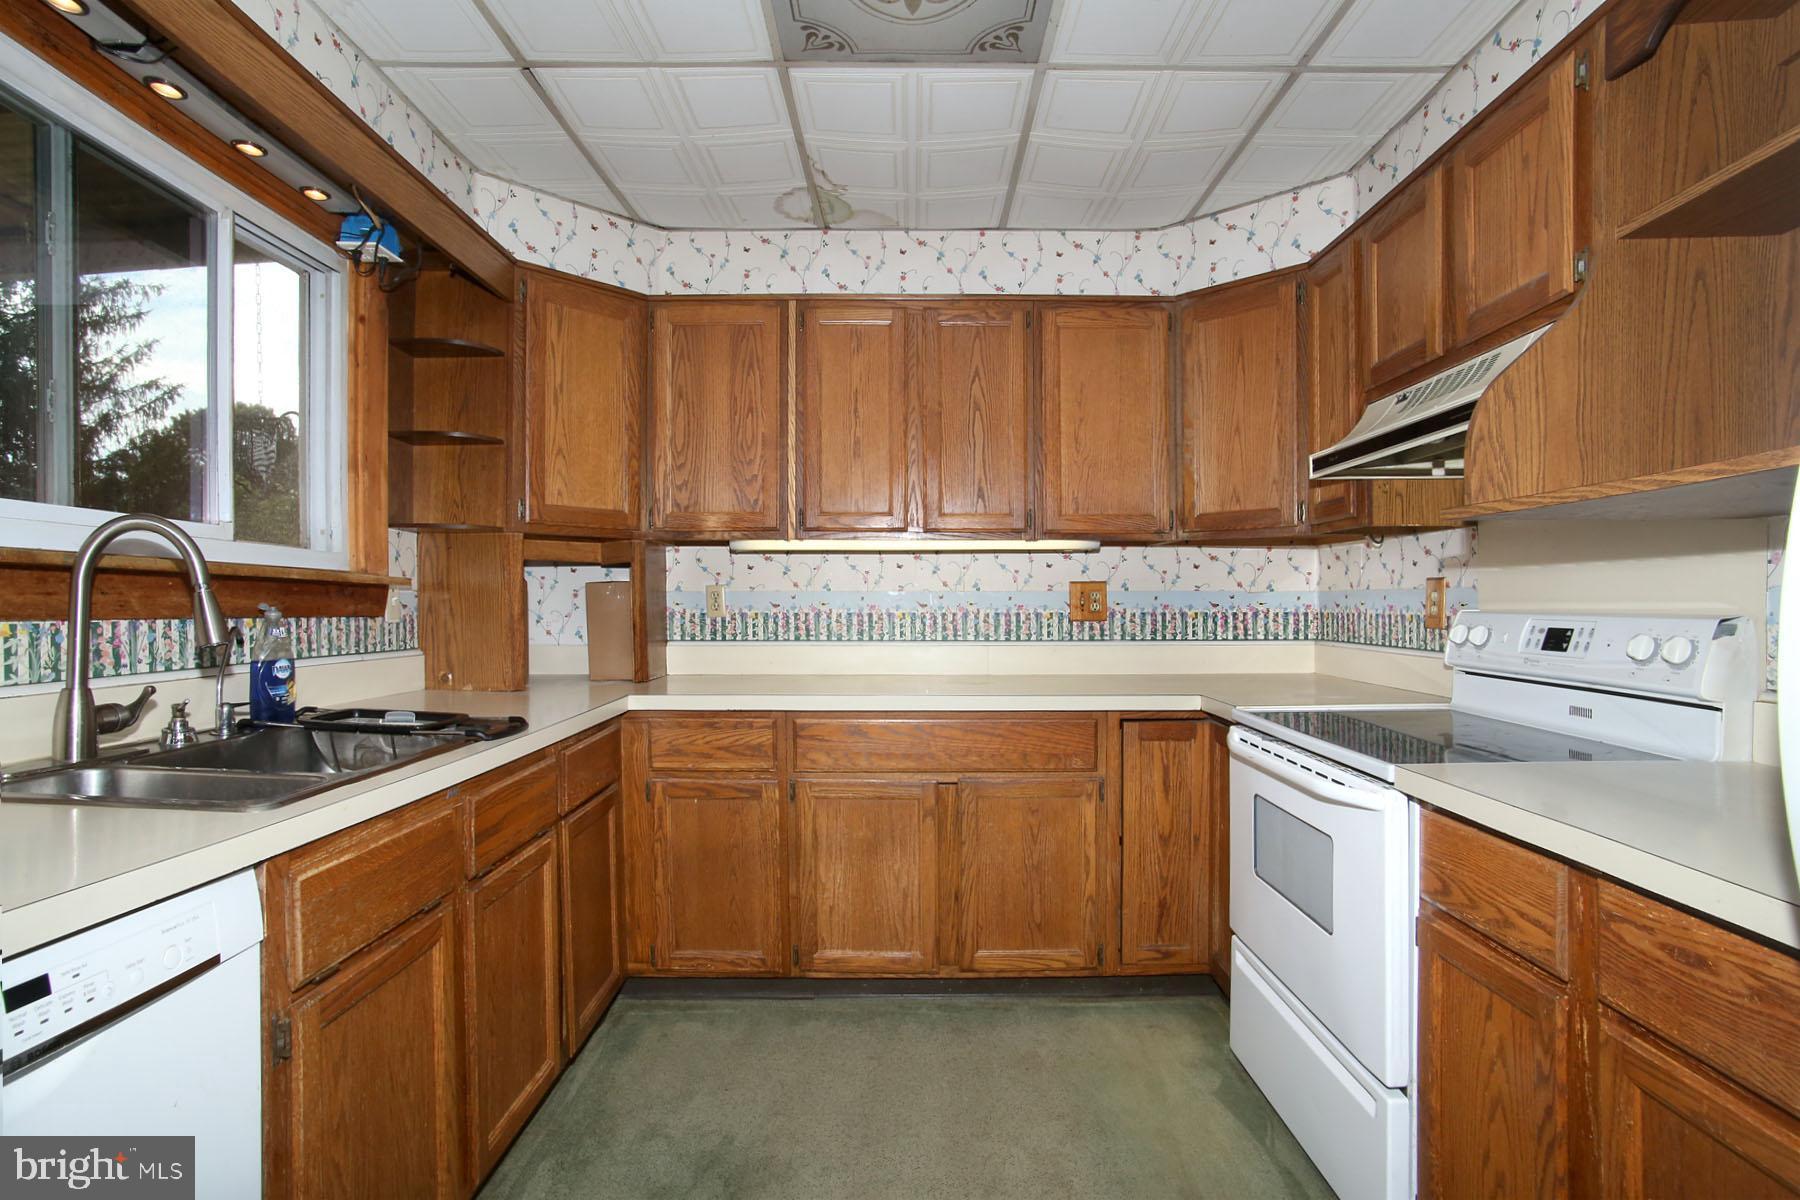 Modern kitchen includes appliances.